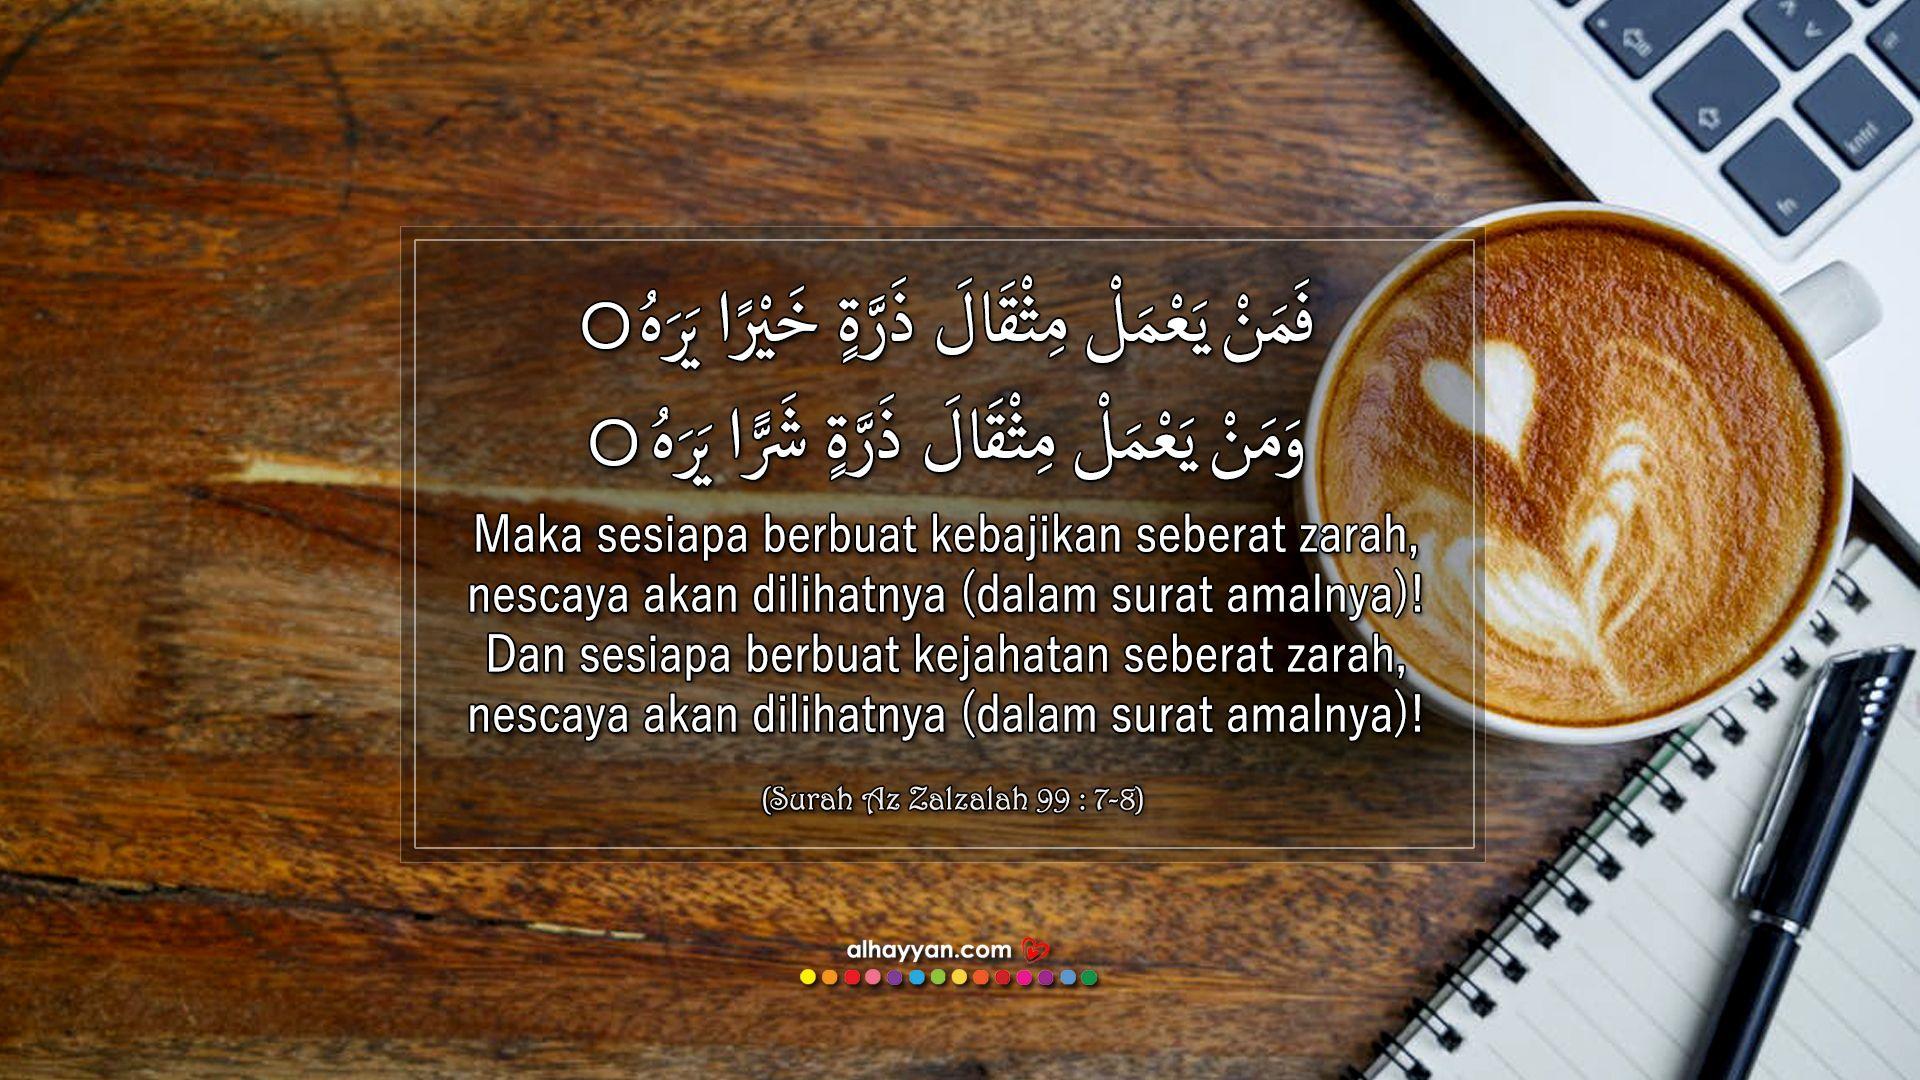 Surah Az Zalzalah Ayat 7 8 Islam Cutting Board Islam Kitchen